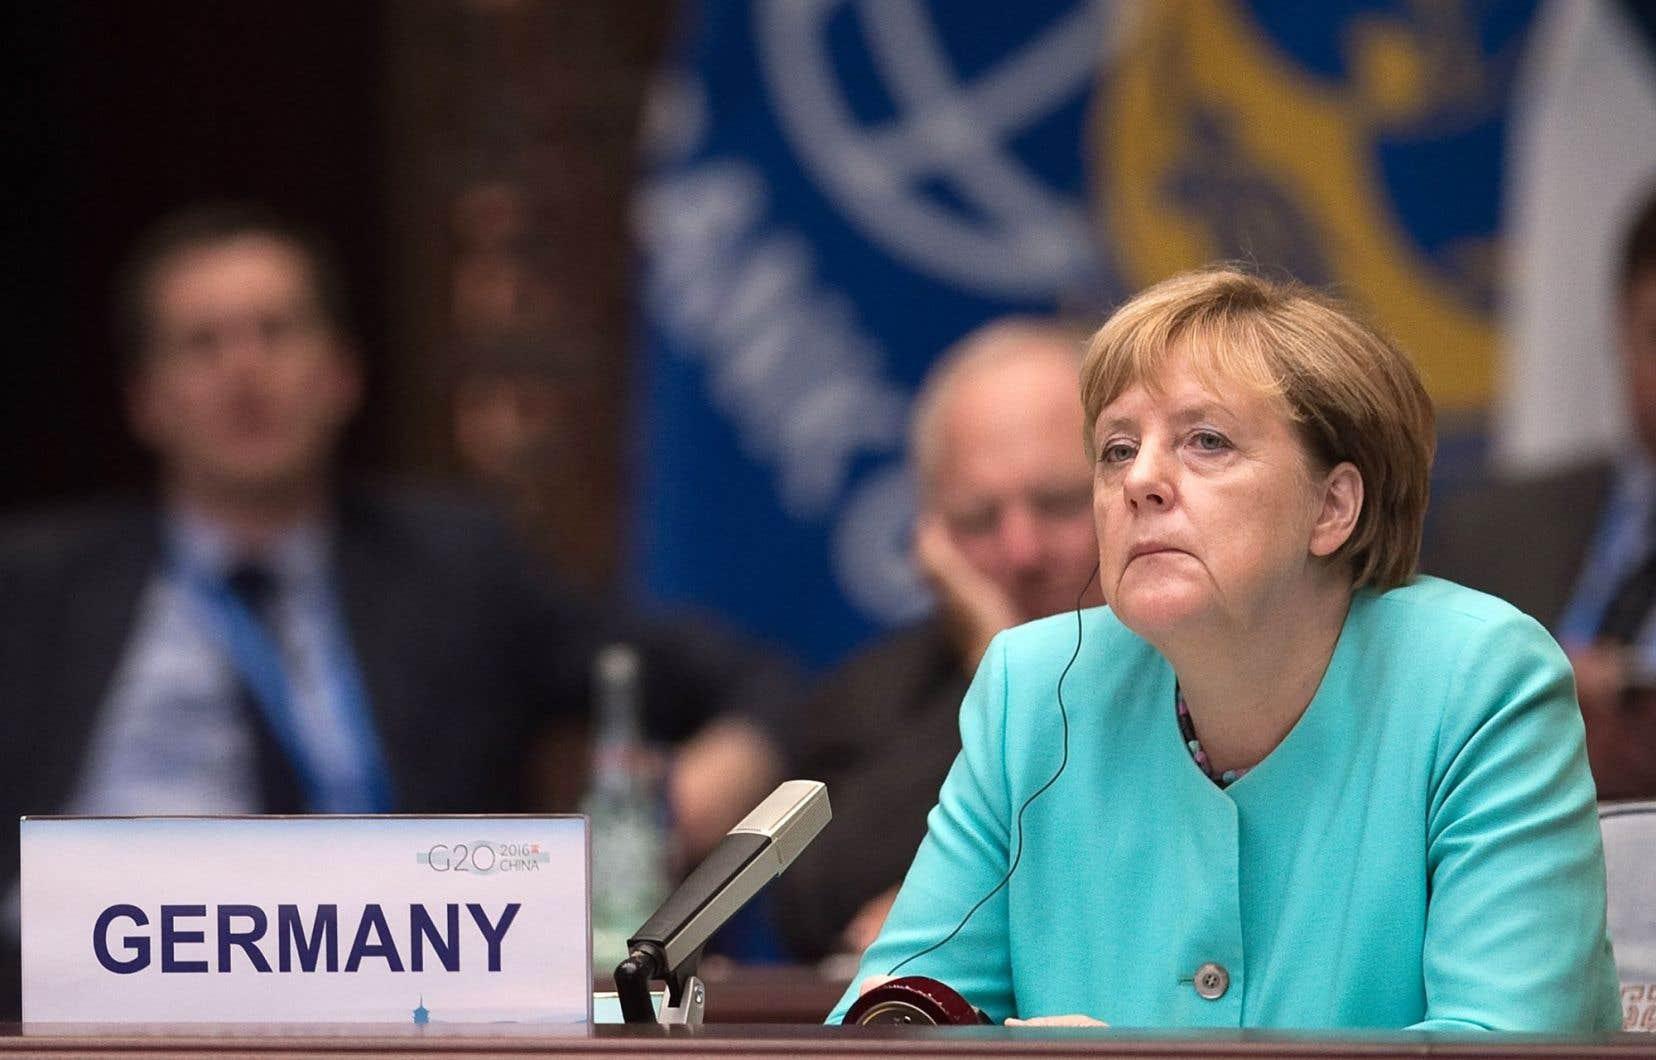 Angela Merkel a admis être « aussi responsable » de la débâcle de son parti en Mecklembourg-Poméranie occidentale, un État régional d'ex-RDA communiste dont elle est élue.